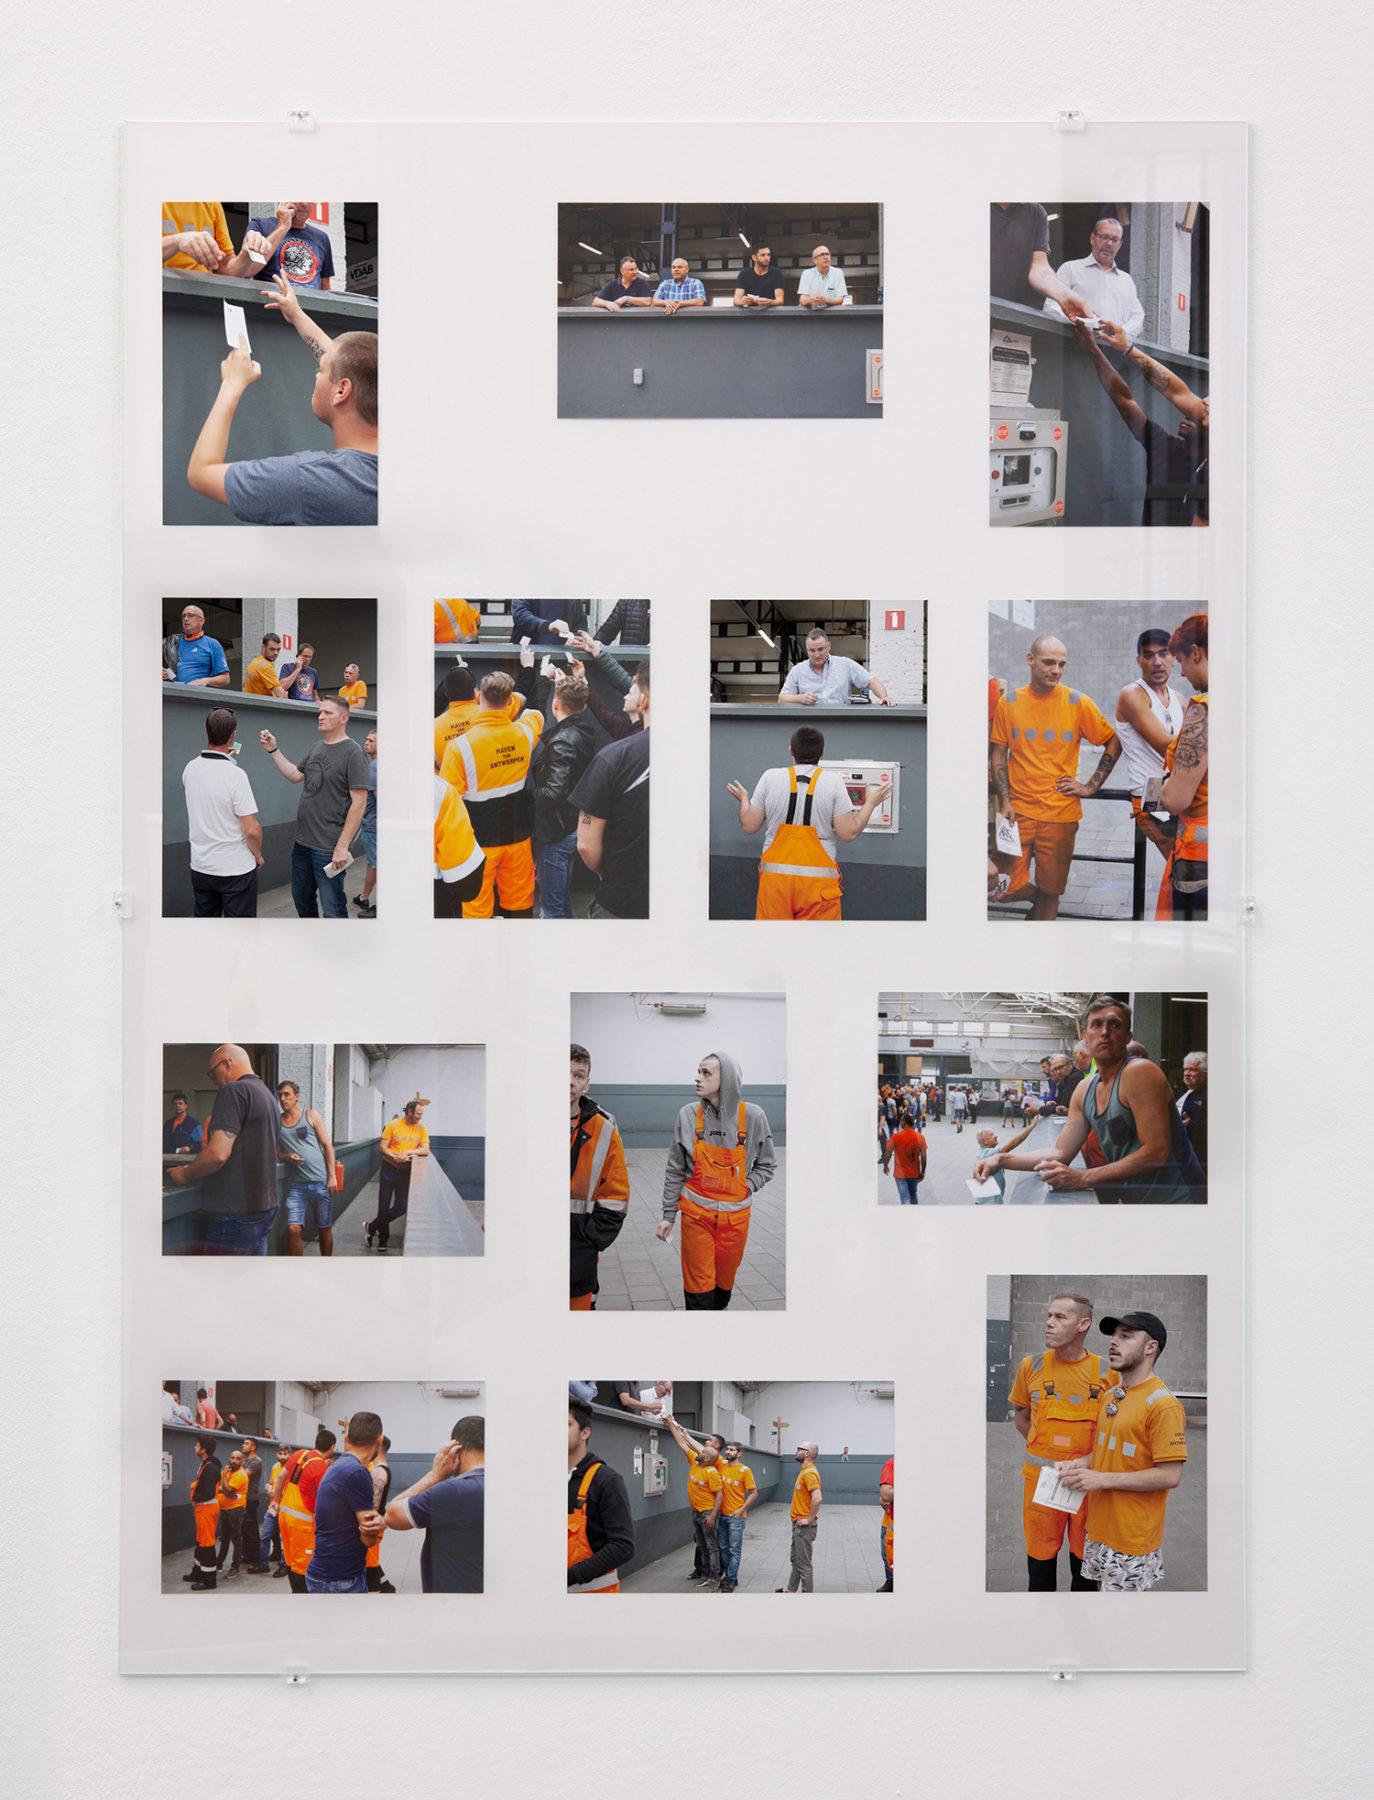 Aanwervingslokaal - Aanwerven, pigment prints, glass, 2018